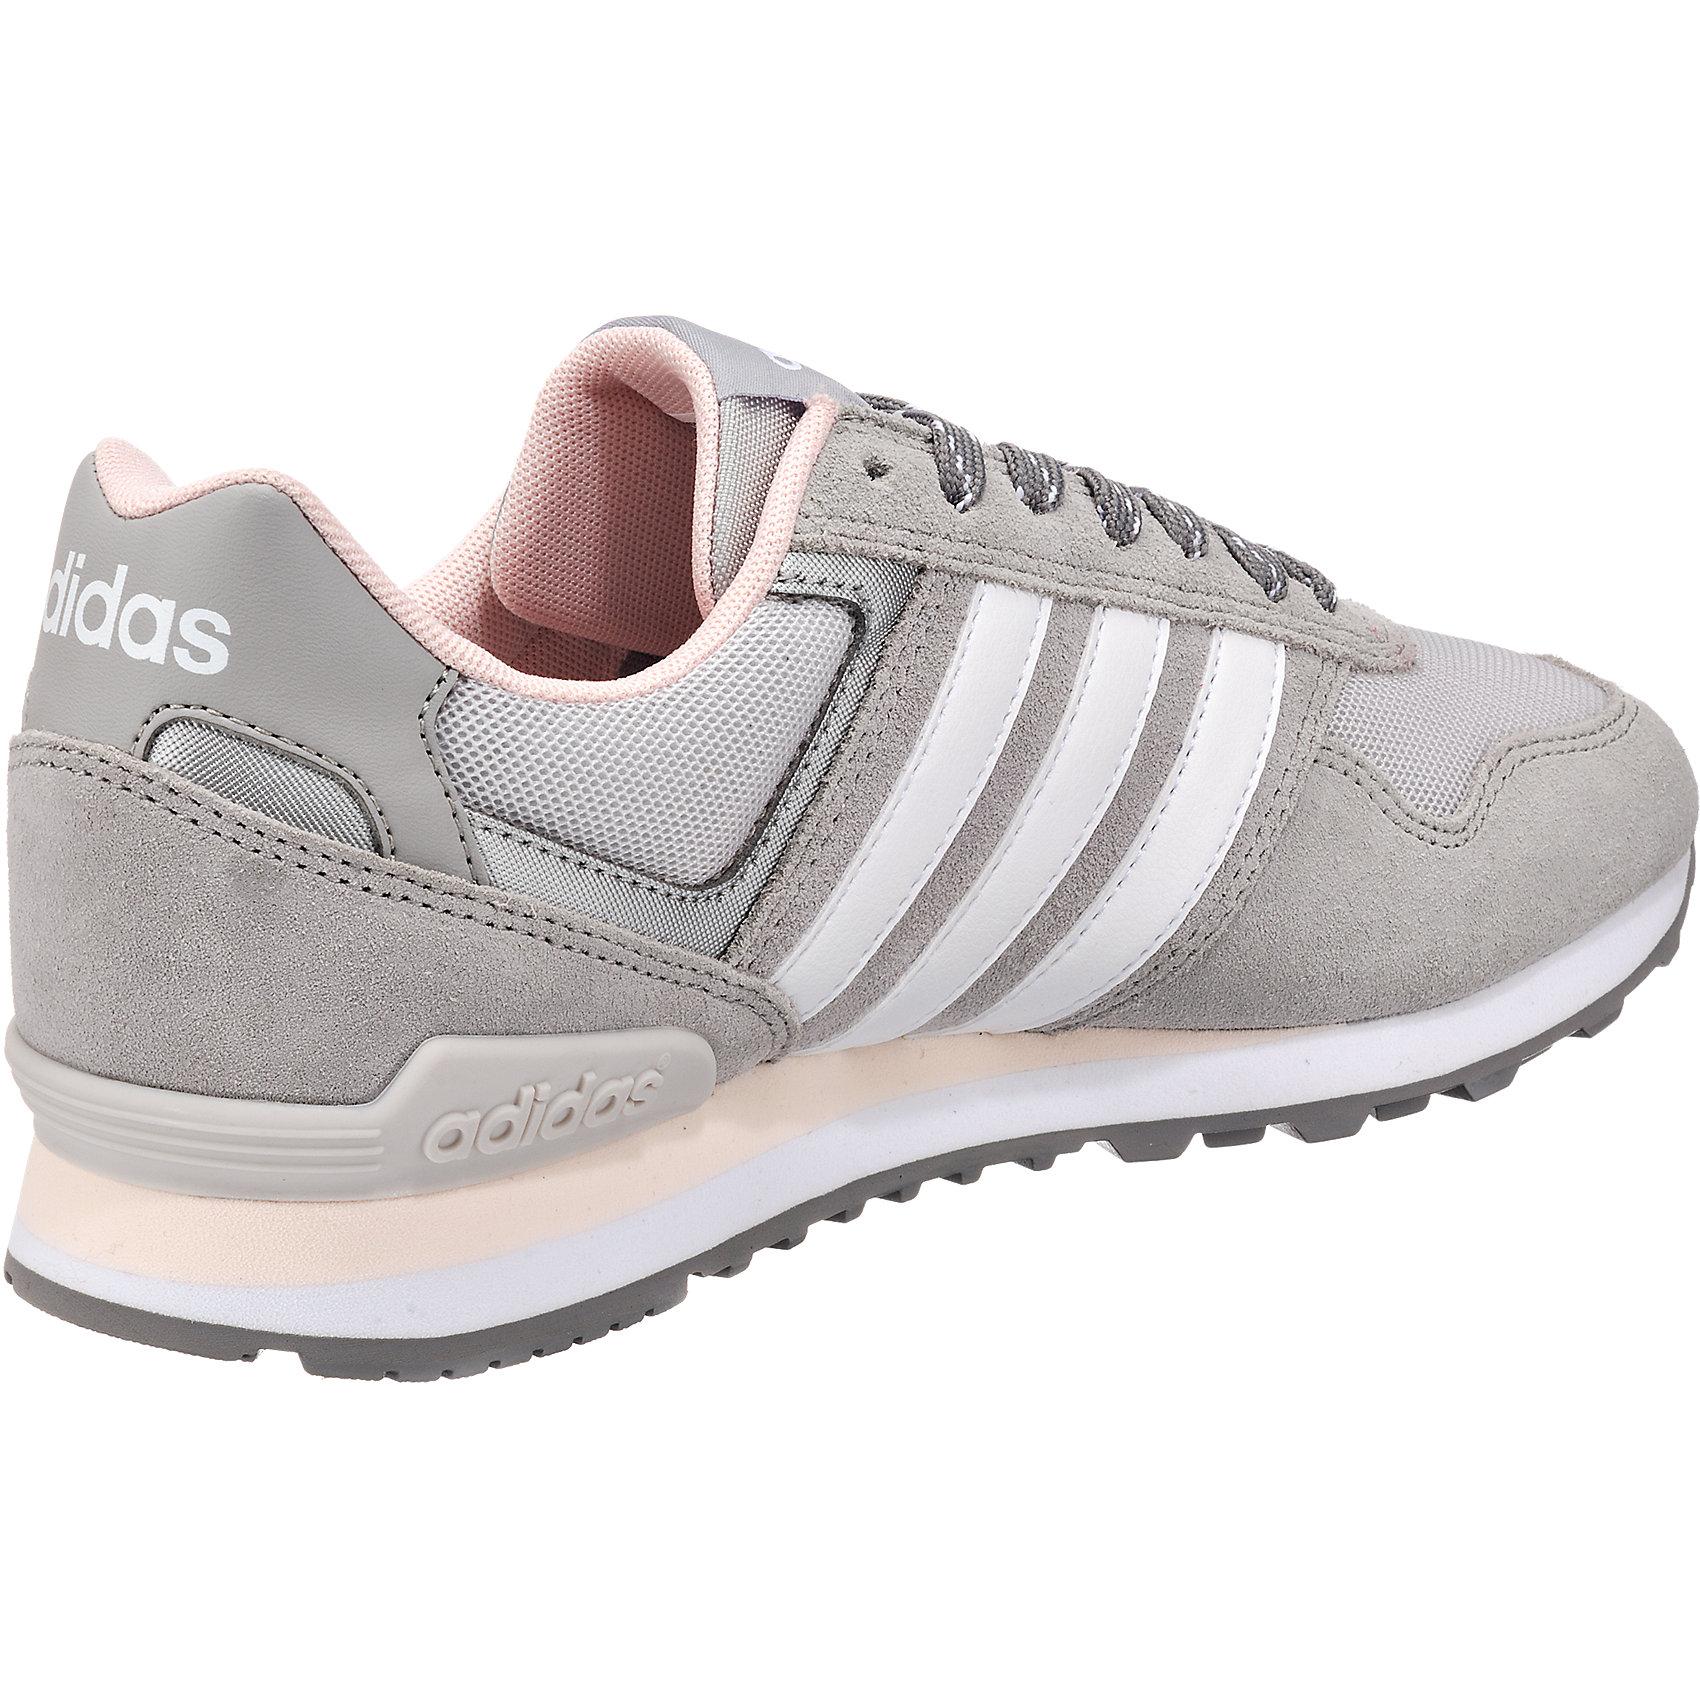 Neu ADIDAS NEO 10K Schuh Grau F99314 Frauen Für preiswerter